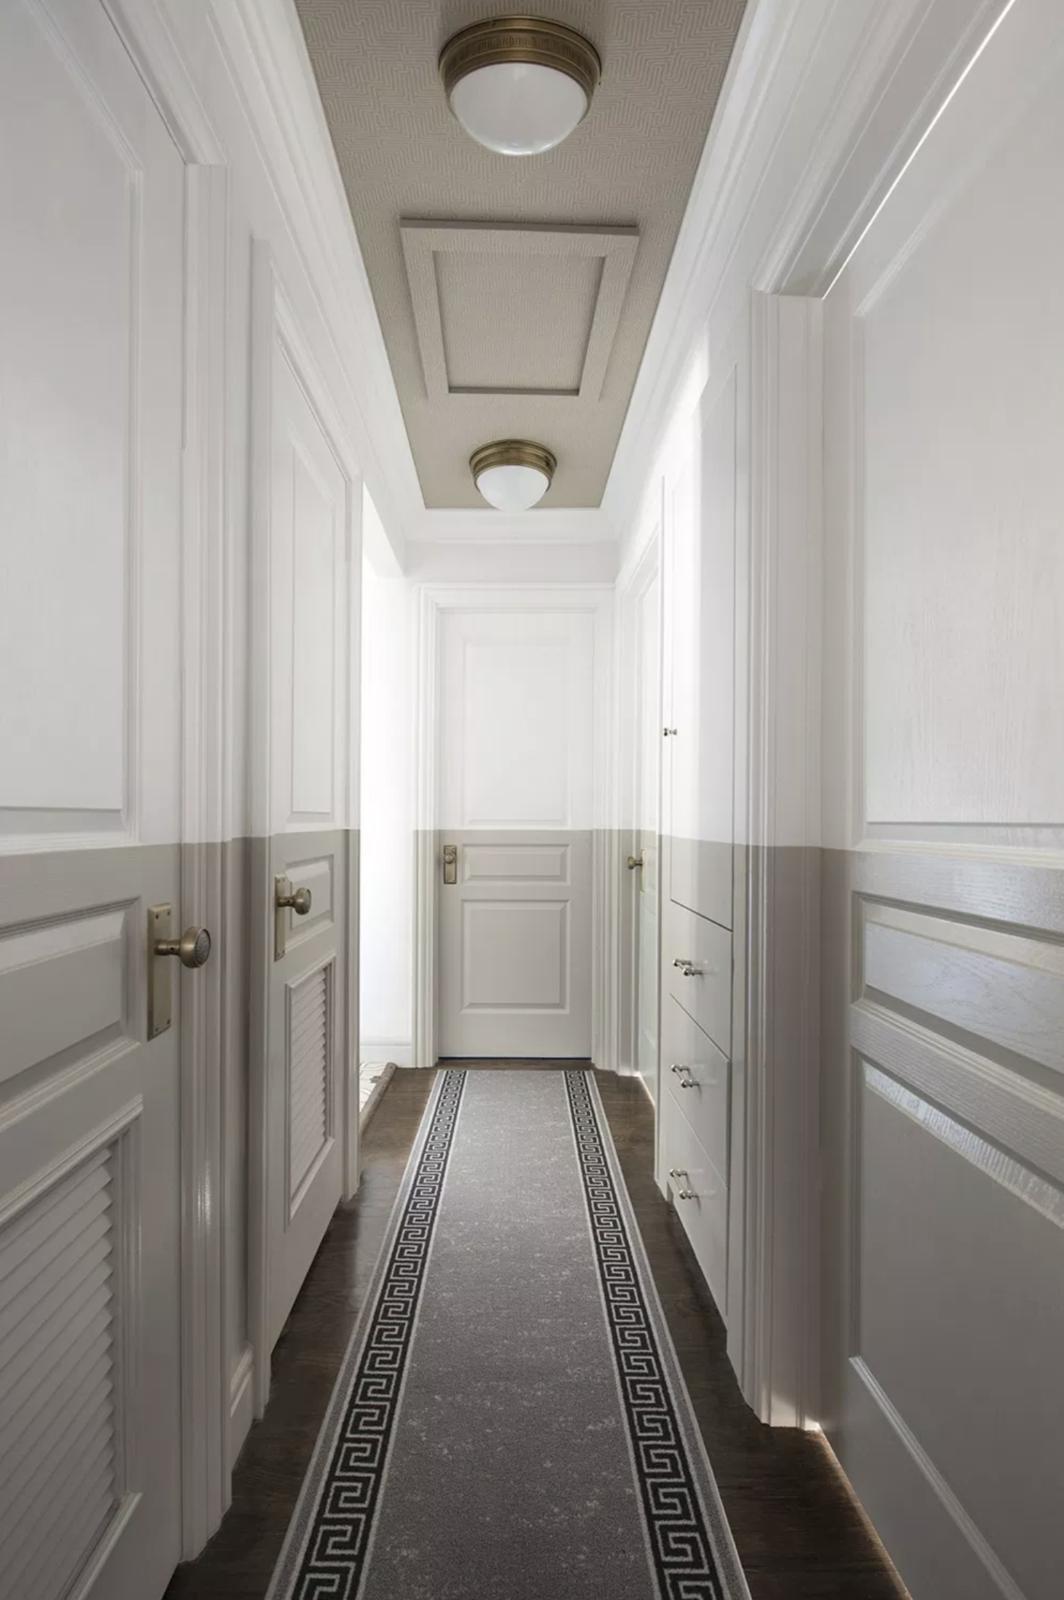 ilaria fatone - un couloir au plafond et soubassement beige